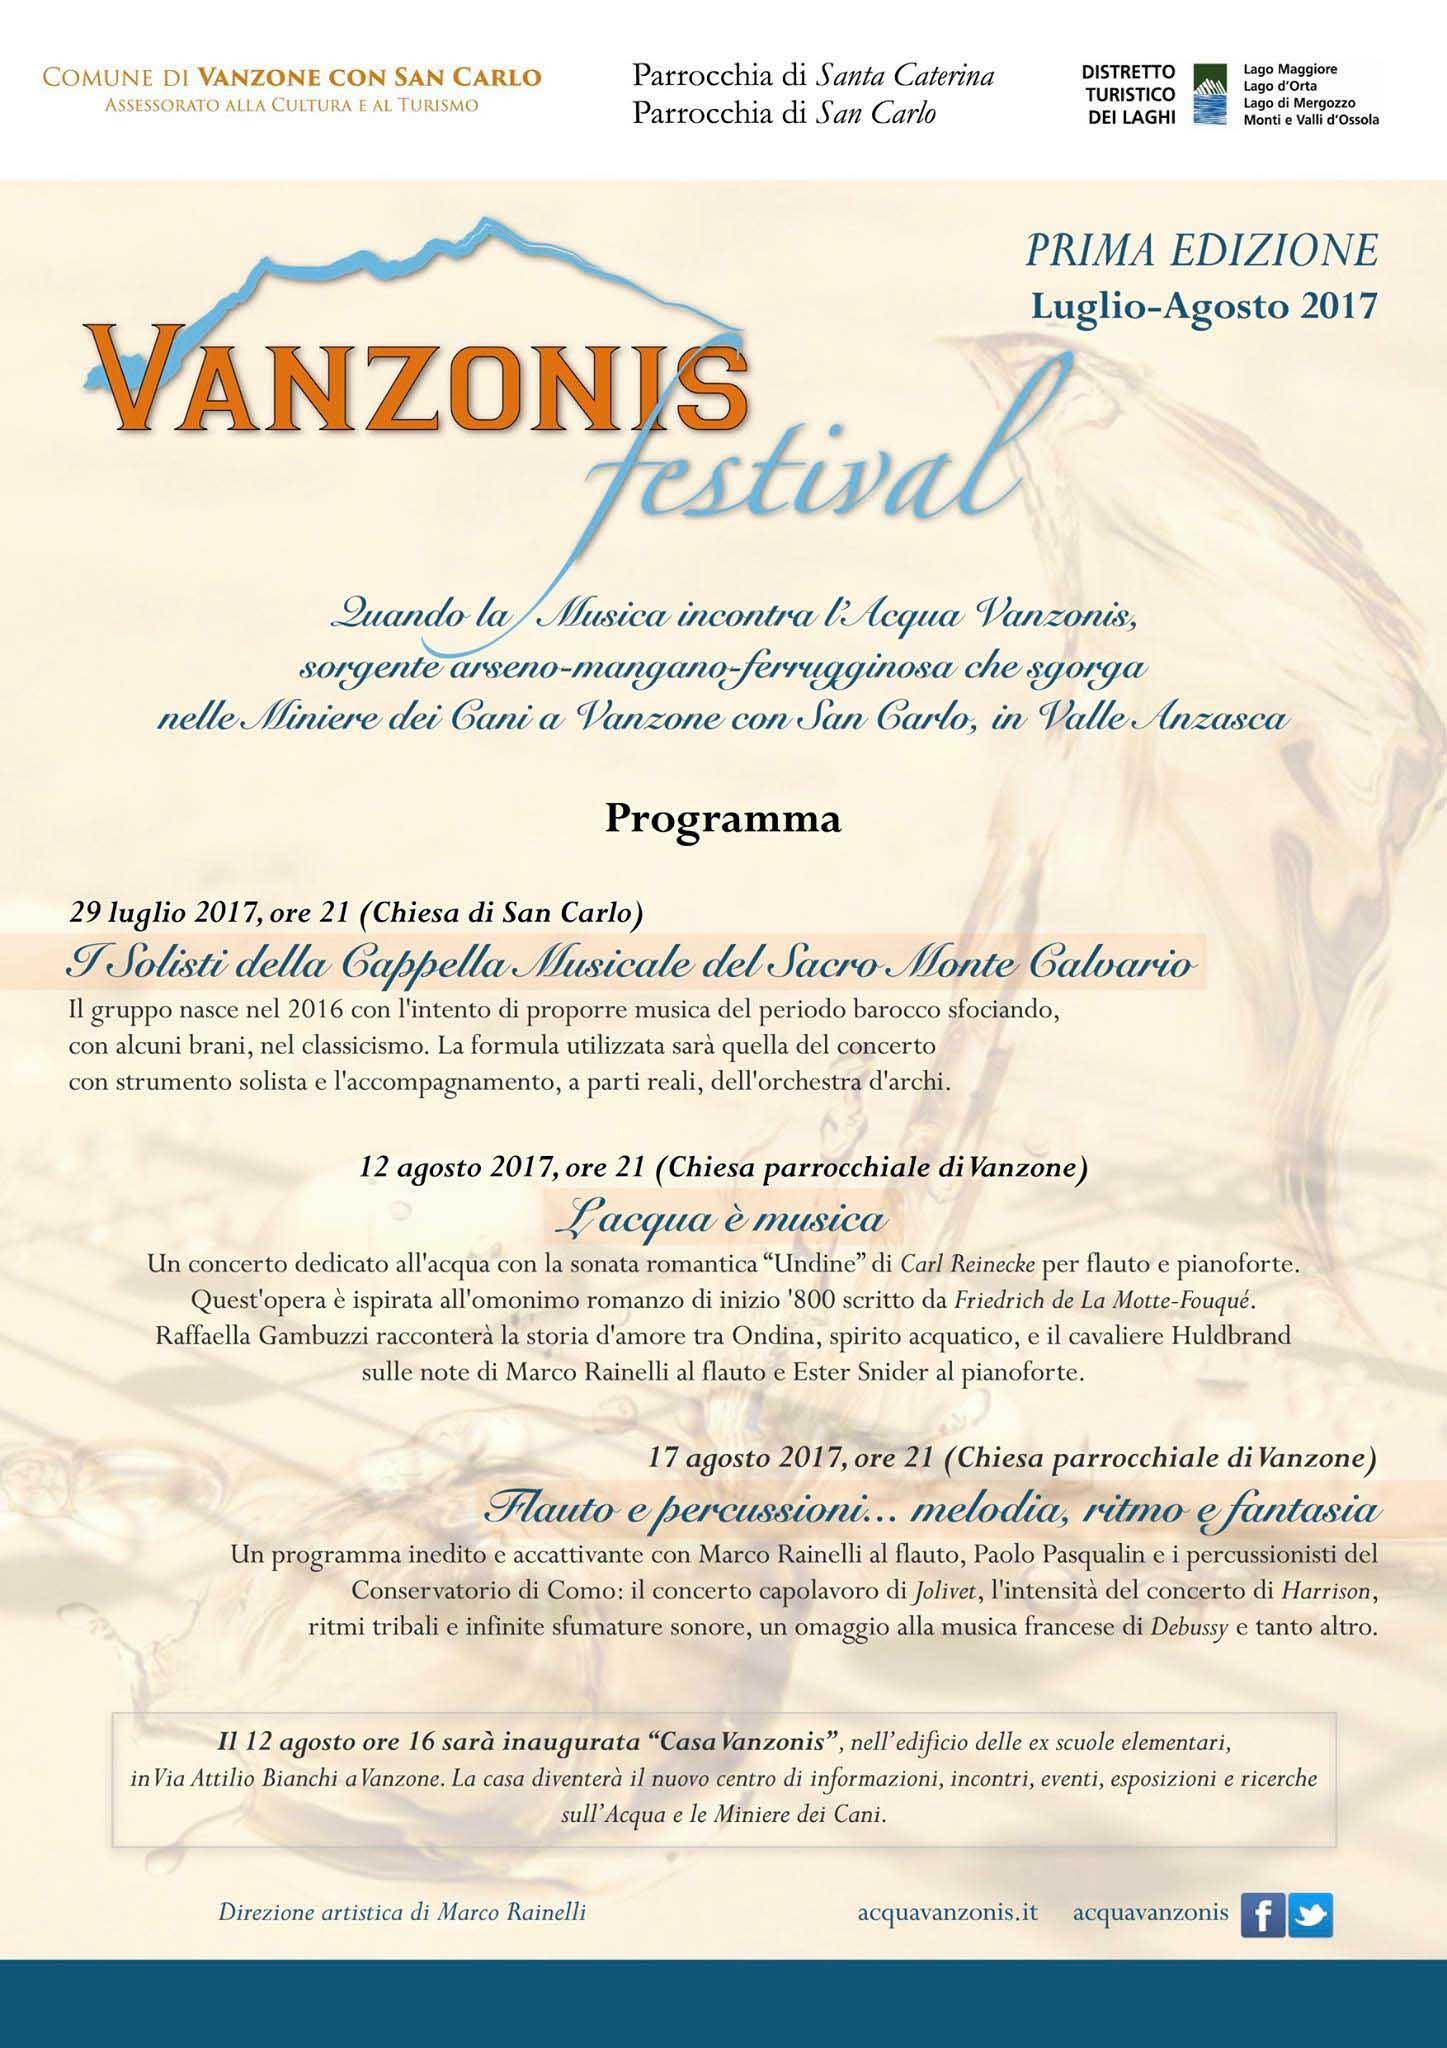 Estremamente 2017-08-12: Concerto per flauto e pianoforte a Vanzone (VB) JZ57